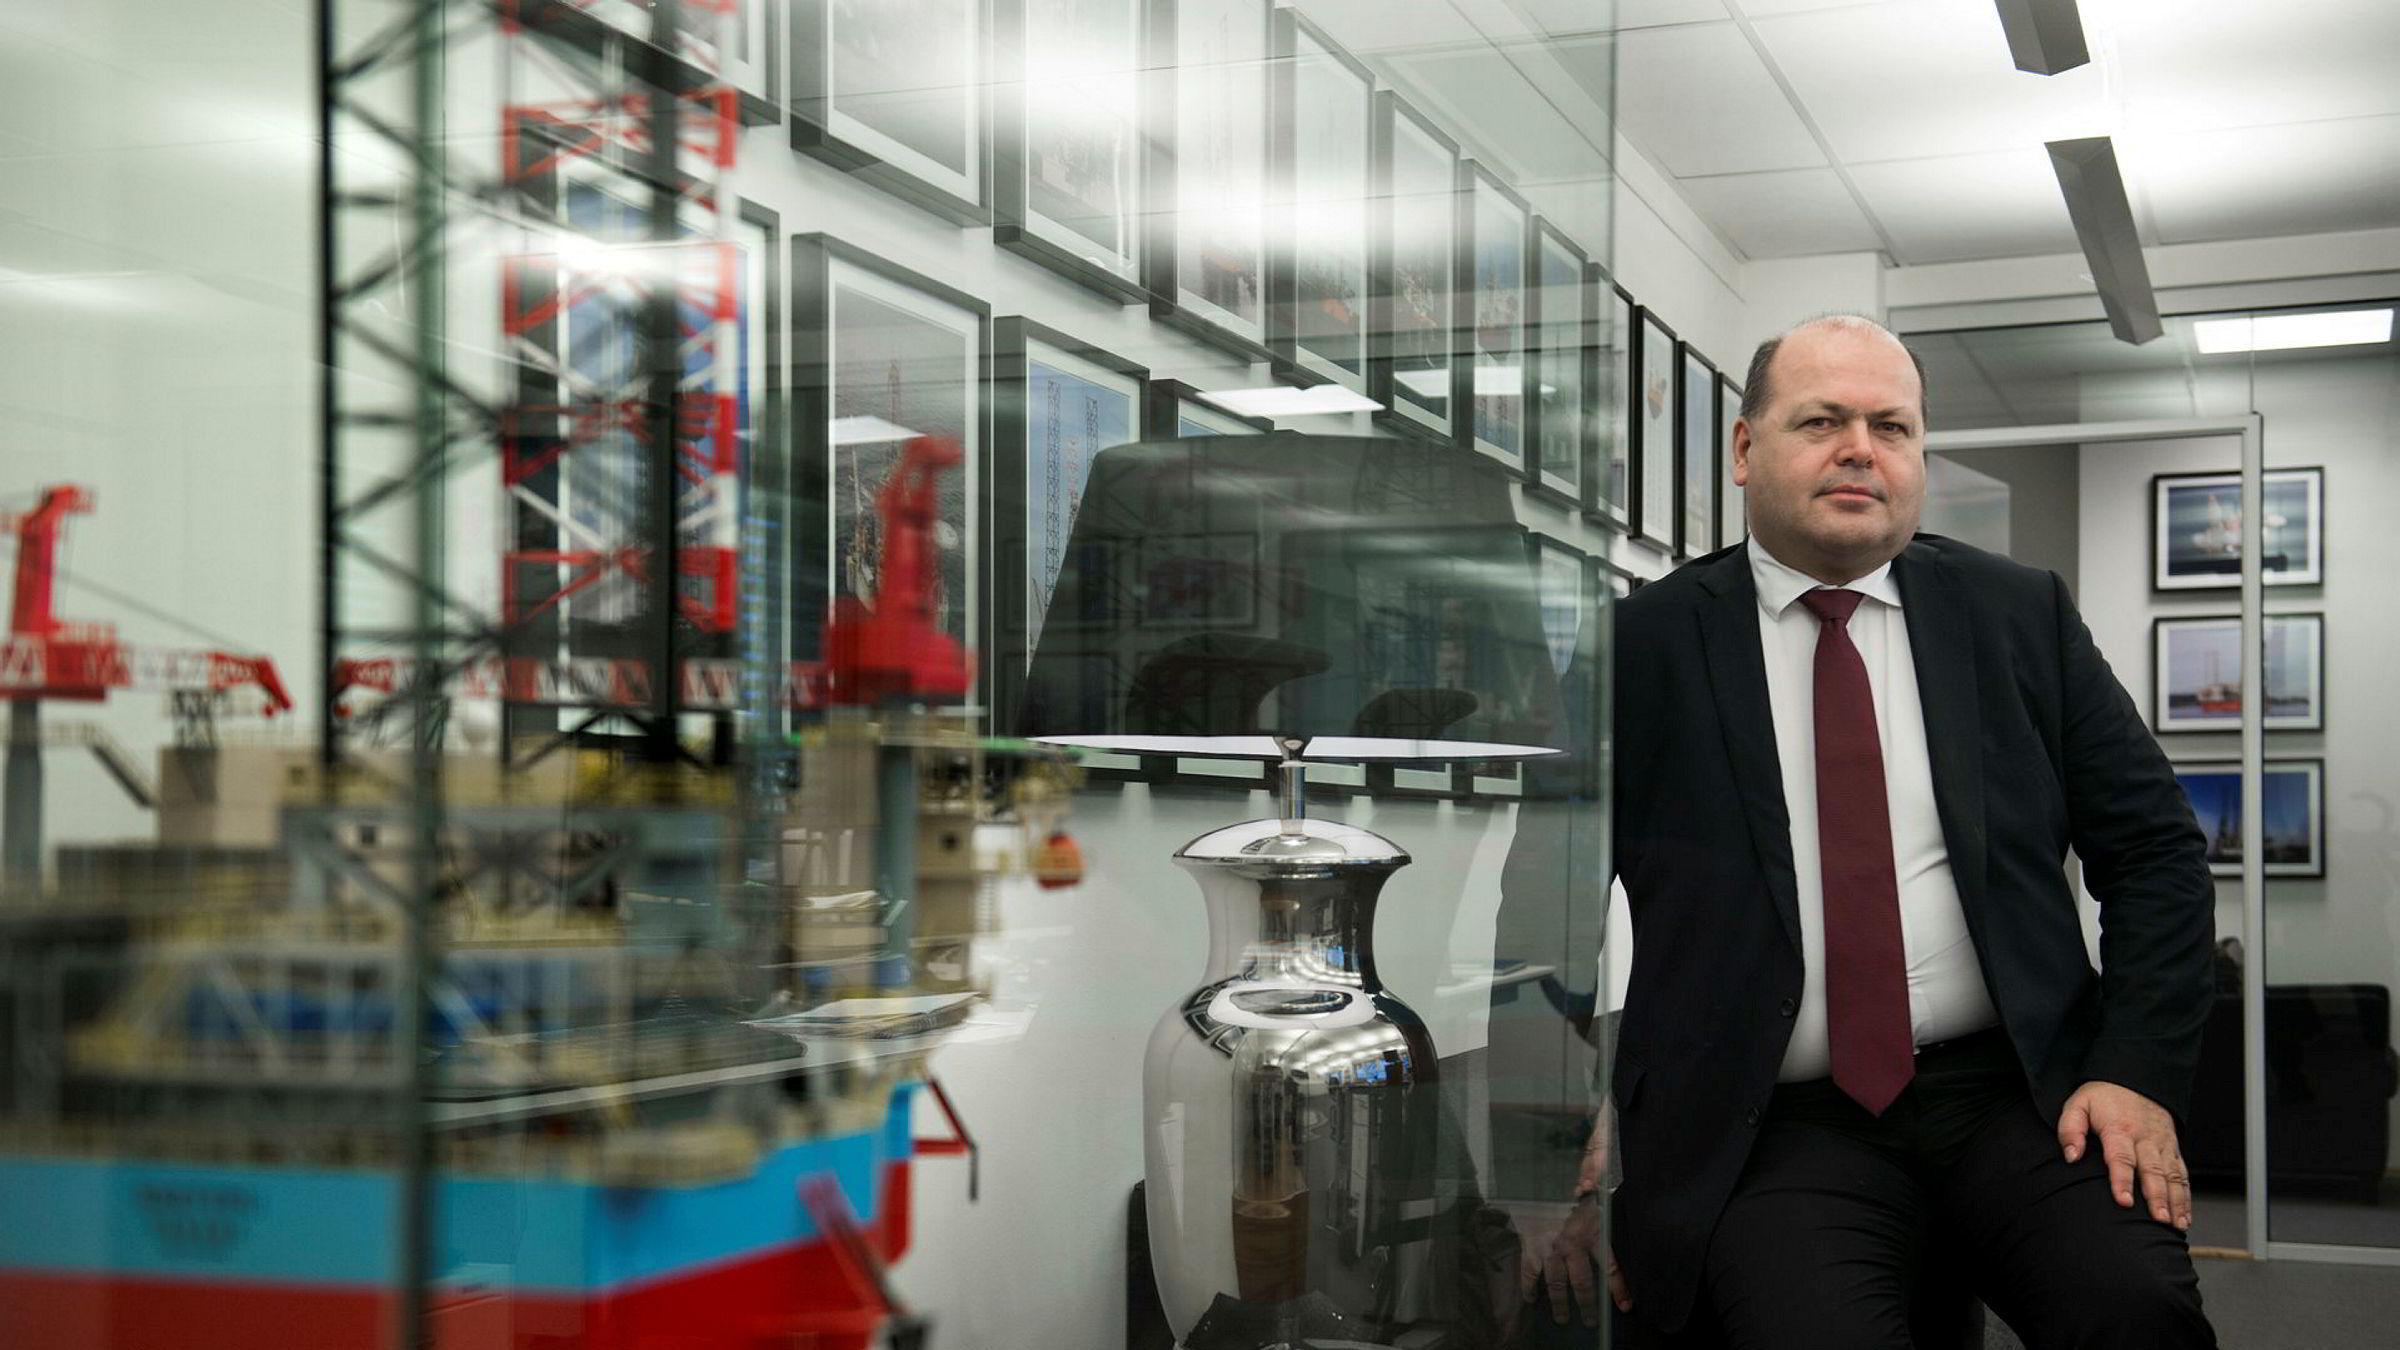 Oljeanalytiker Trond Omdal i Pareto mener Statoil tjener godt på eierandelene i det svenske oljeselskapet Lundin.